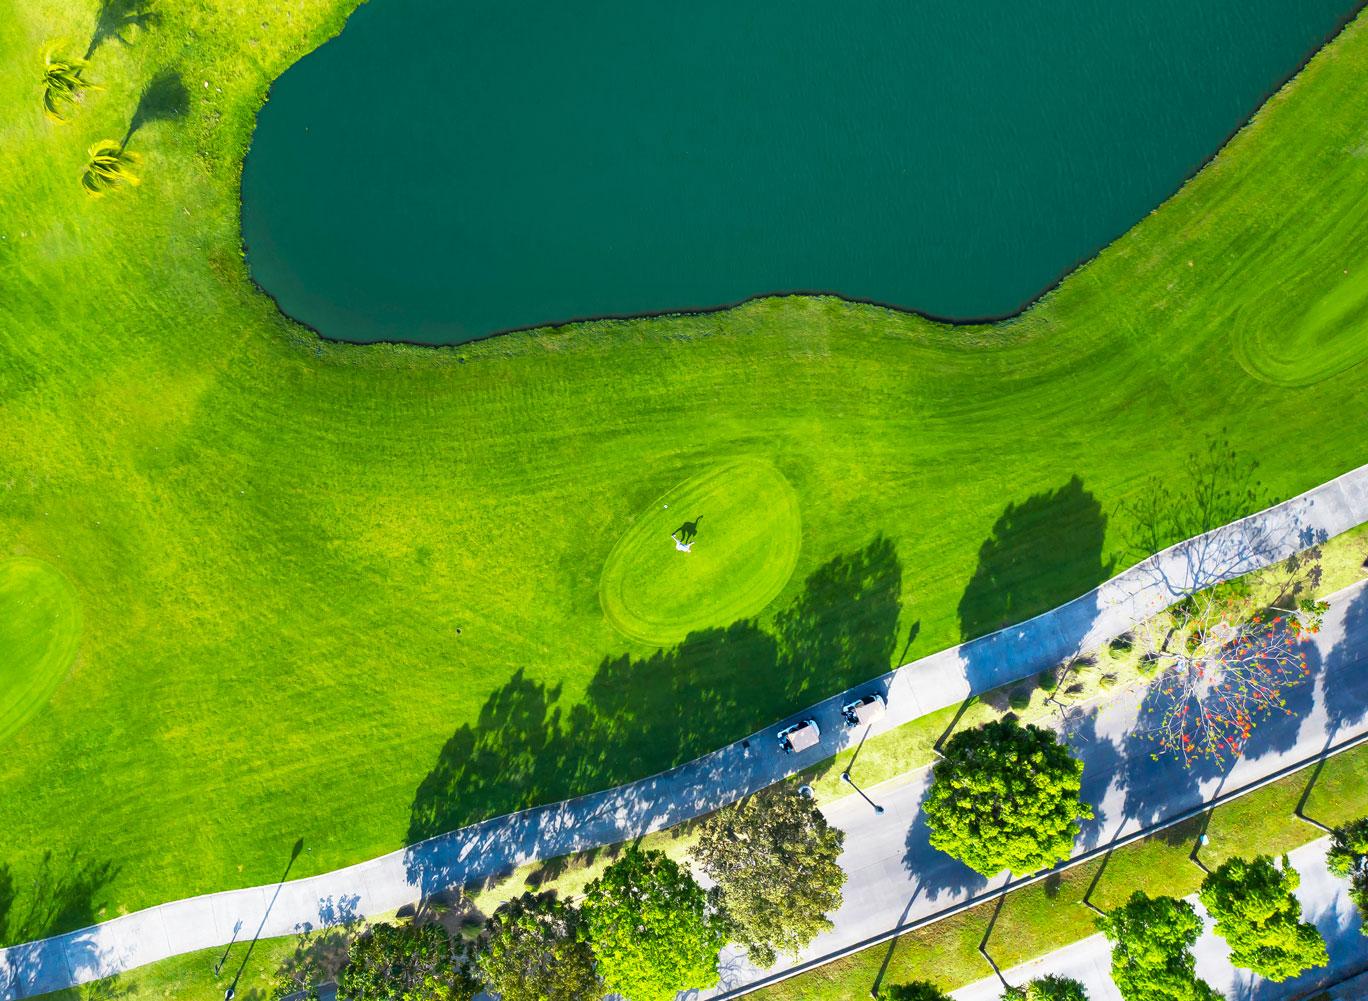 tecnicas-de-green-usga-en-santa-maria-golf-club